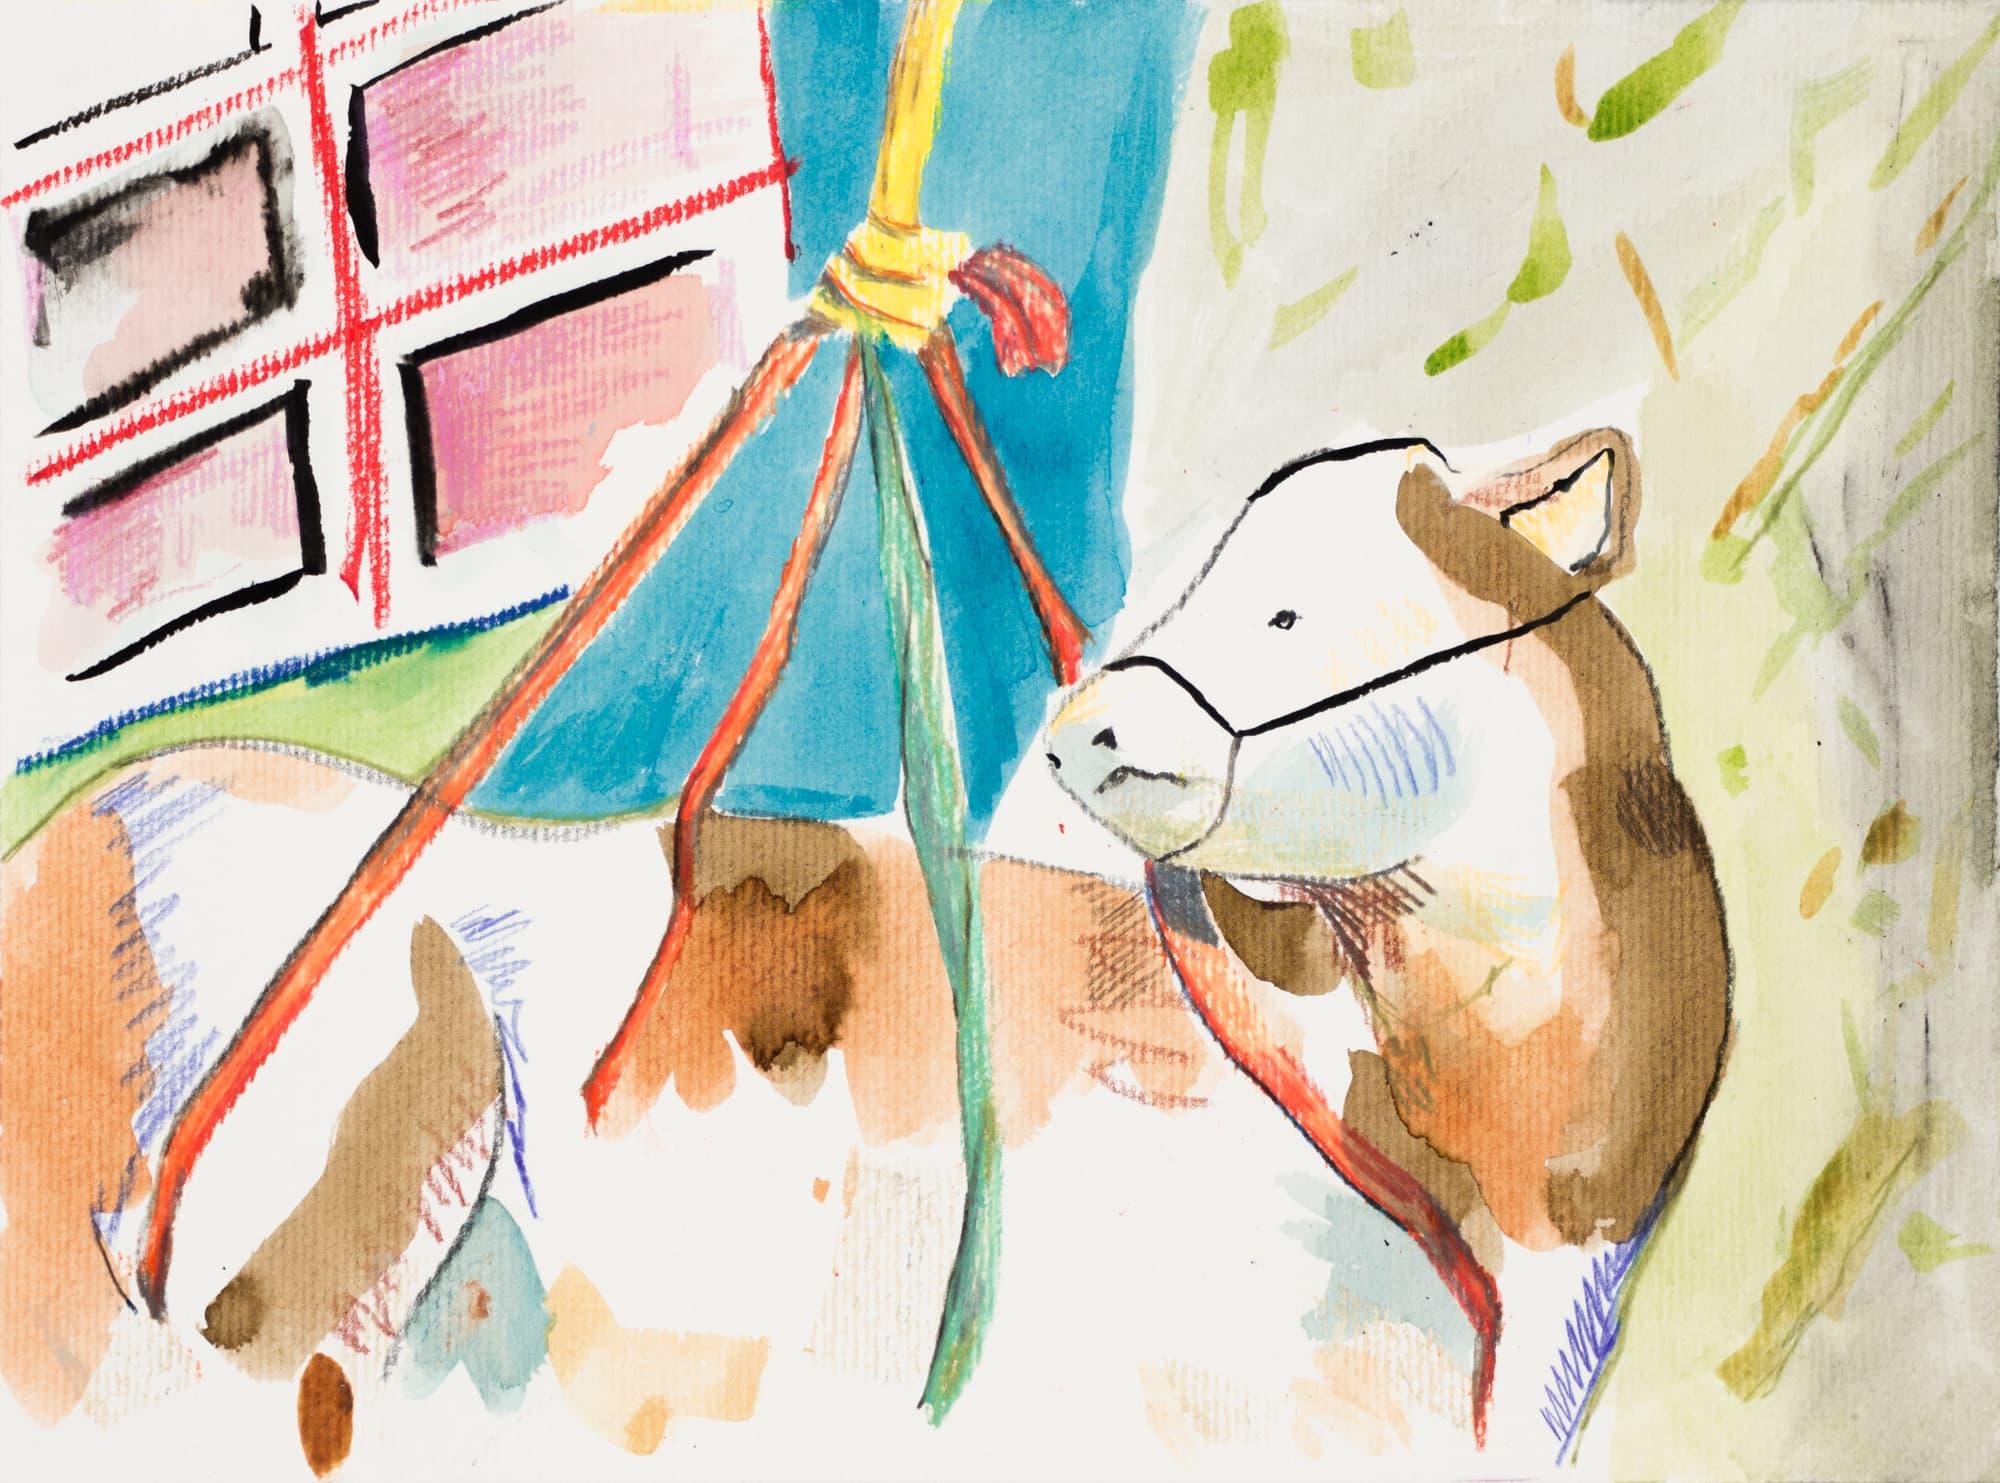 Zeichnung, Farbstift, Ölkreide und Tusche auf Papier, 28,3x21cm, Medienbild Corona, Künstlerin: Franziska King